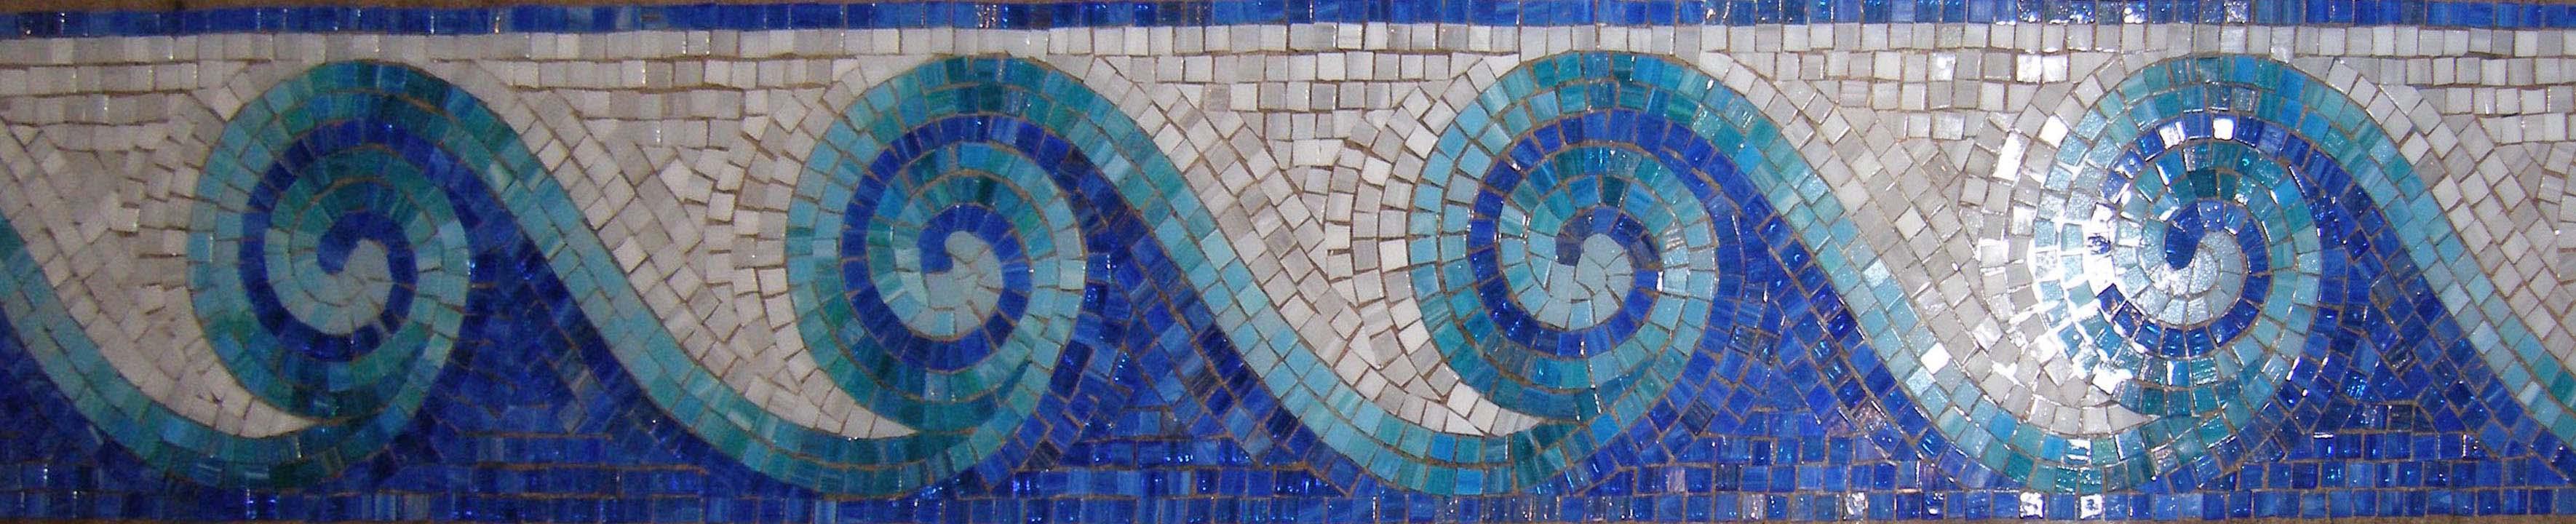 орнаментальный мозаичный бордюр для бассейна